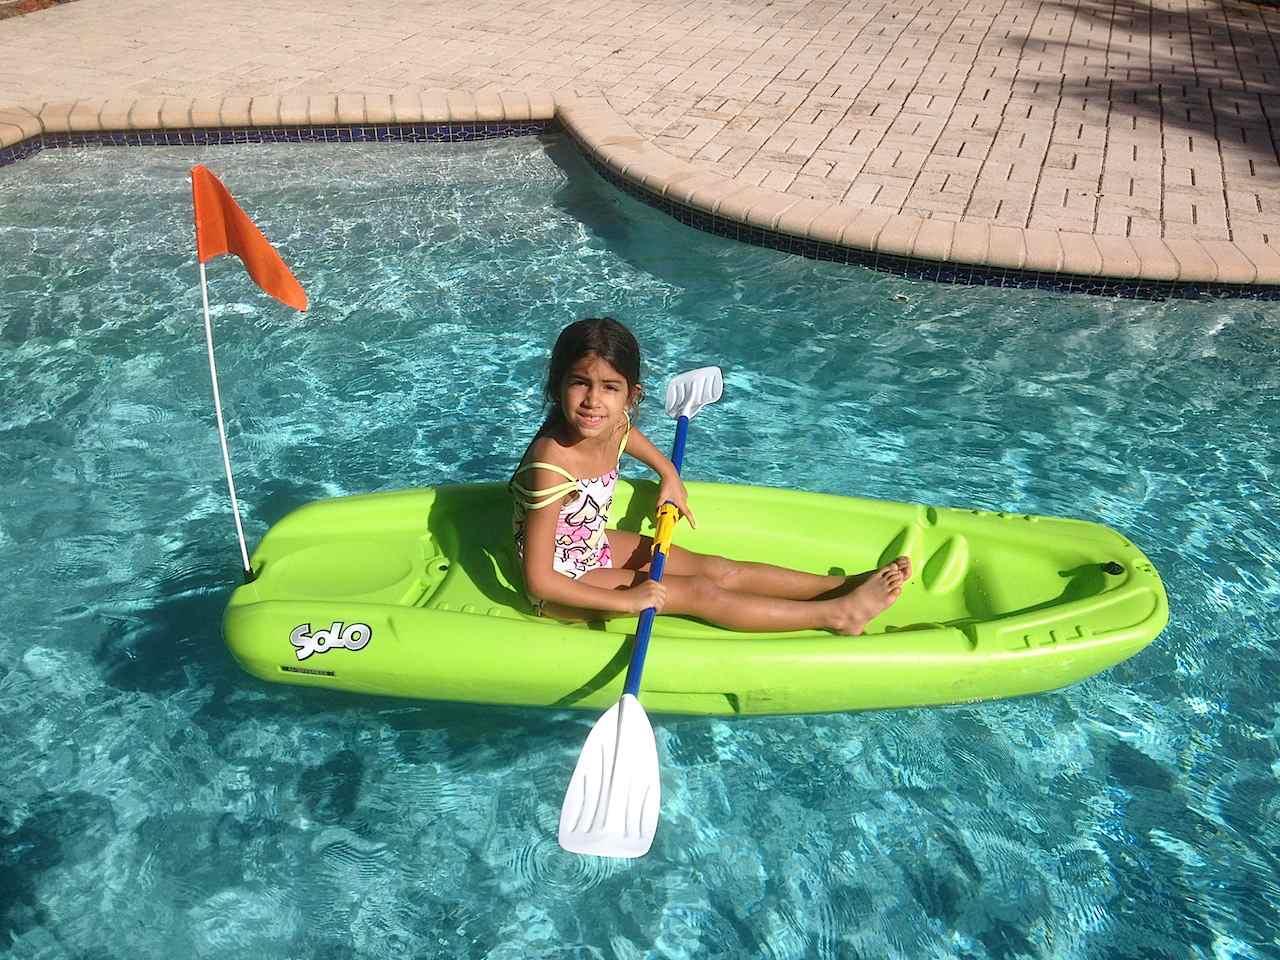 The Pelican Sport Solo Kid's Kayak